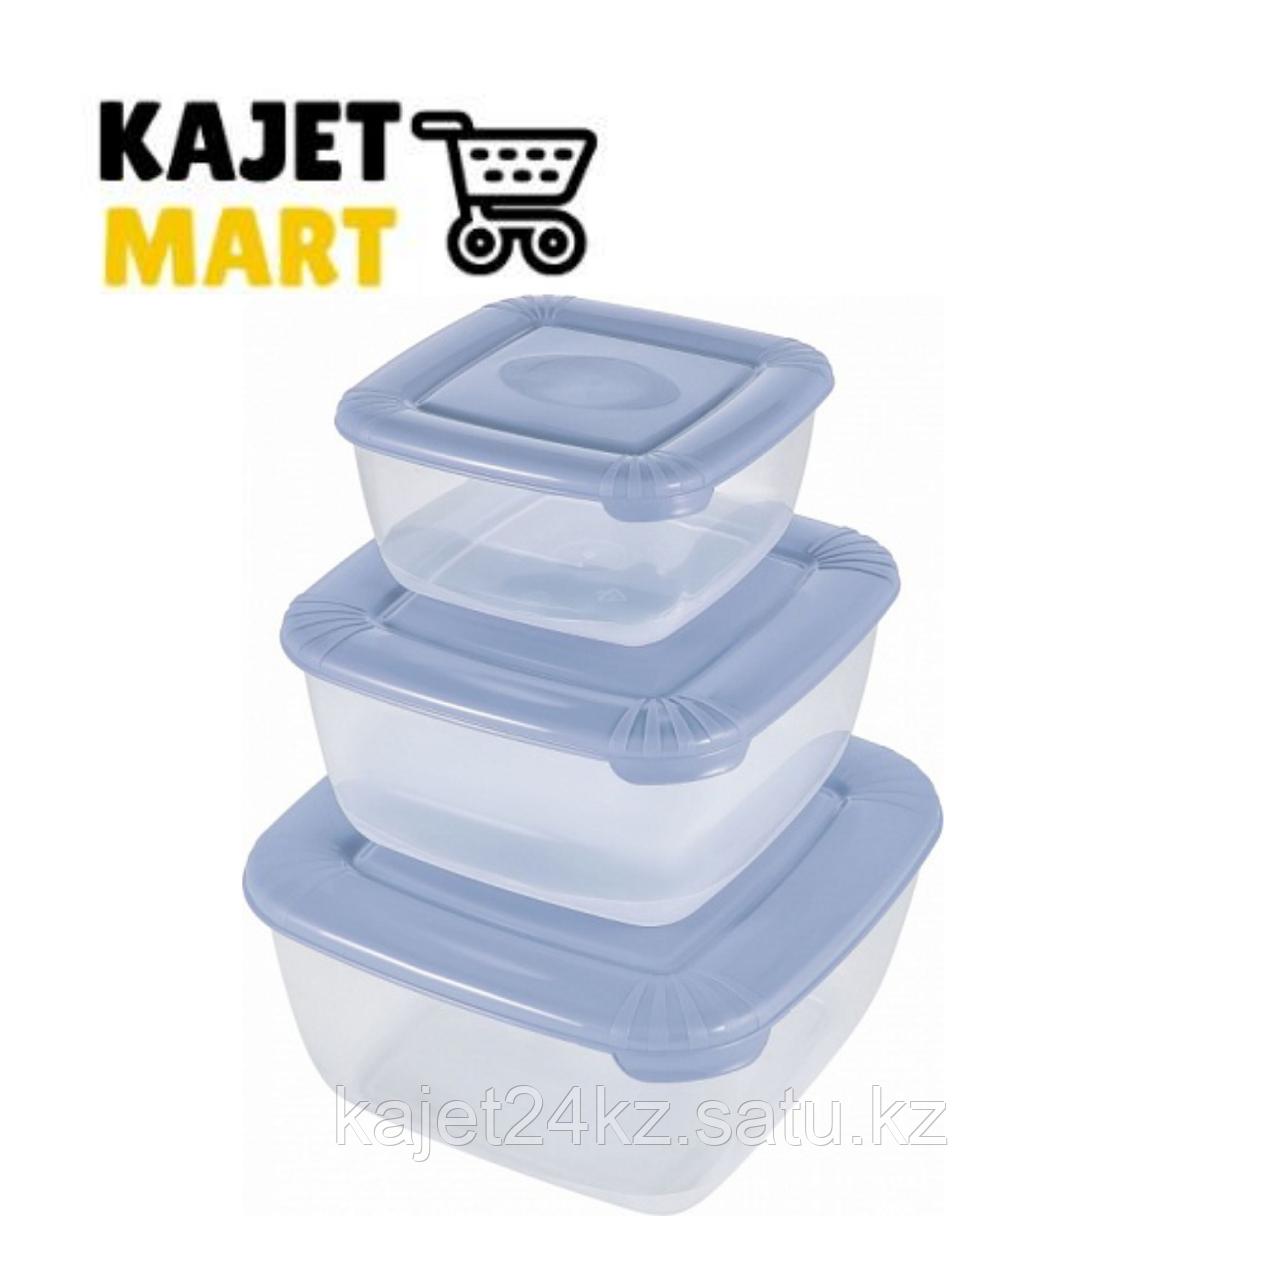 Набор для пищевых продуктов POLAR квадратных 3 шт. (0,46л; 0,95л; 1,5л) туманно-голубой